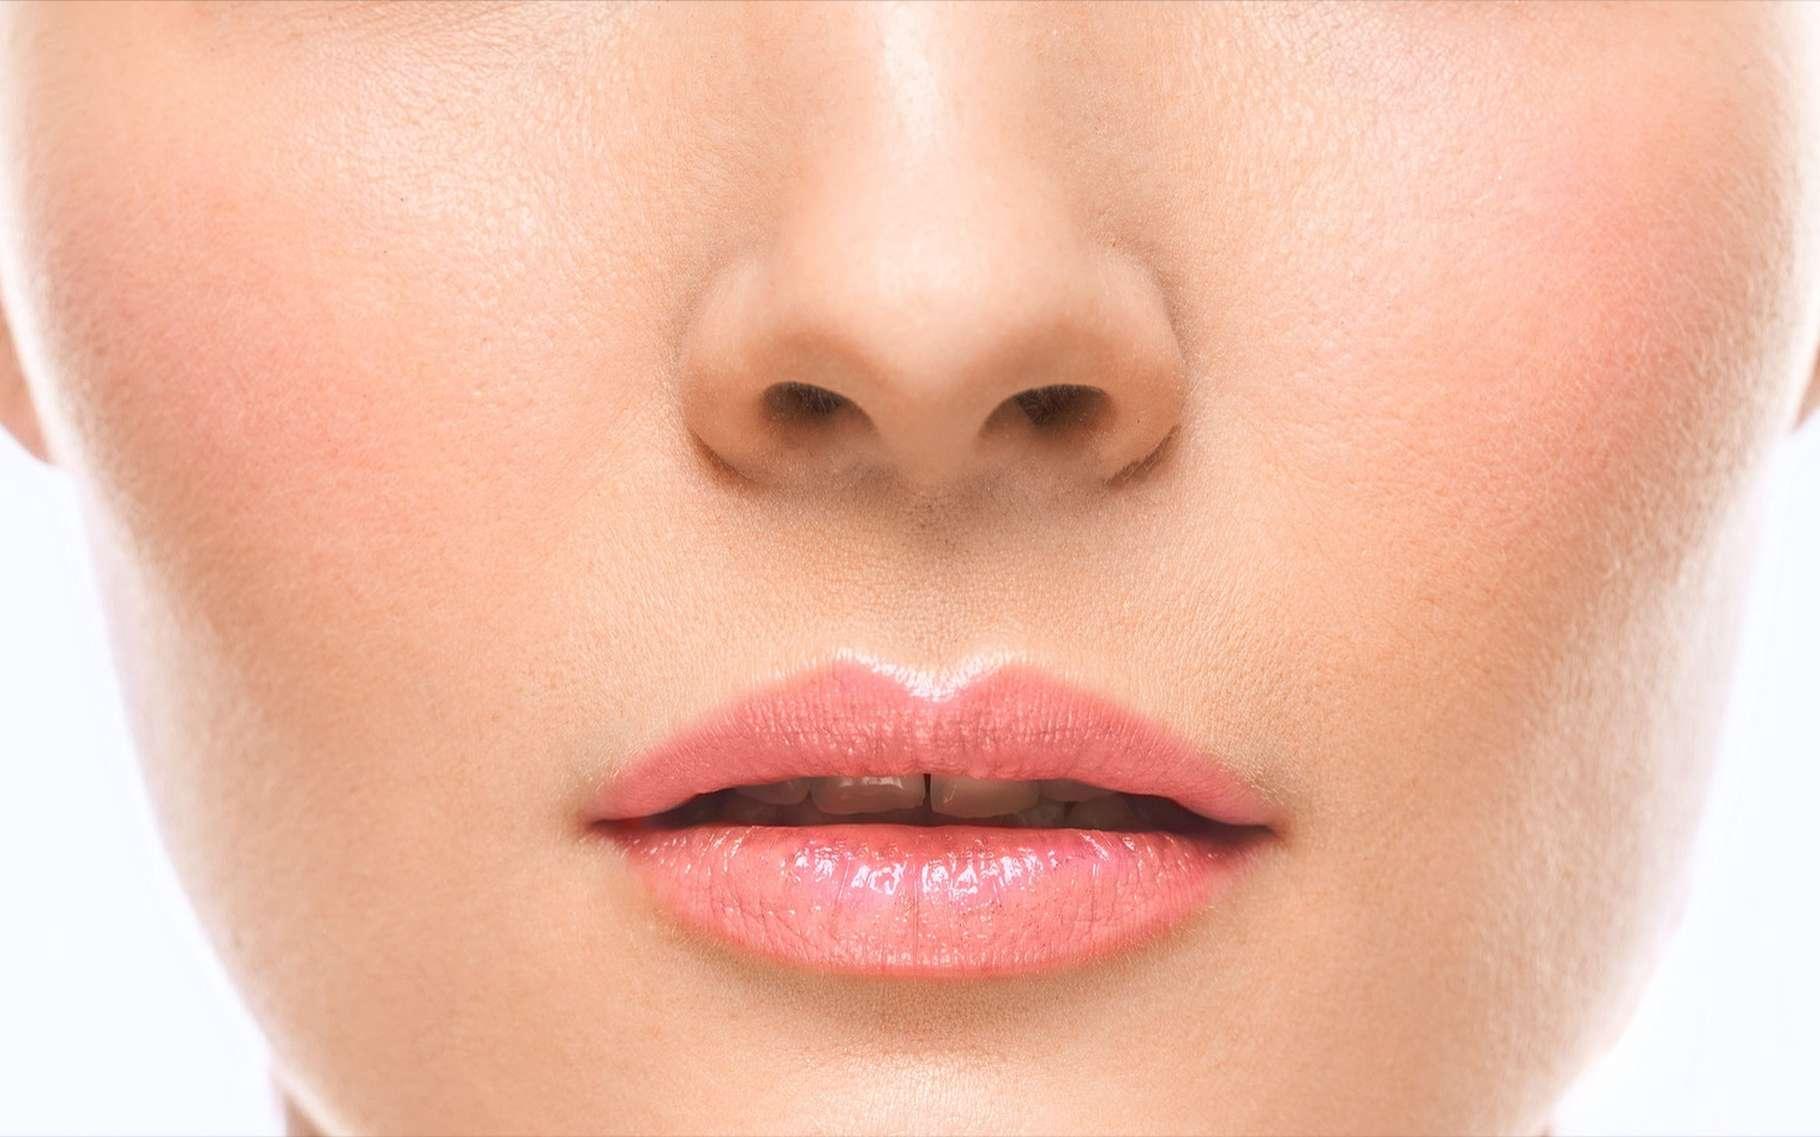 Les cellules du cartilage du nez permettent de fabriquer du cartilage articulaire pour le genou. © Irina Bg, Shutterstock